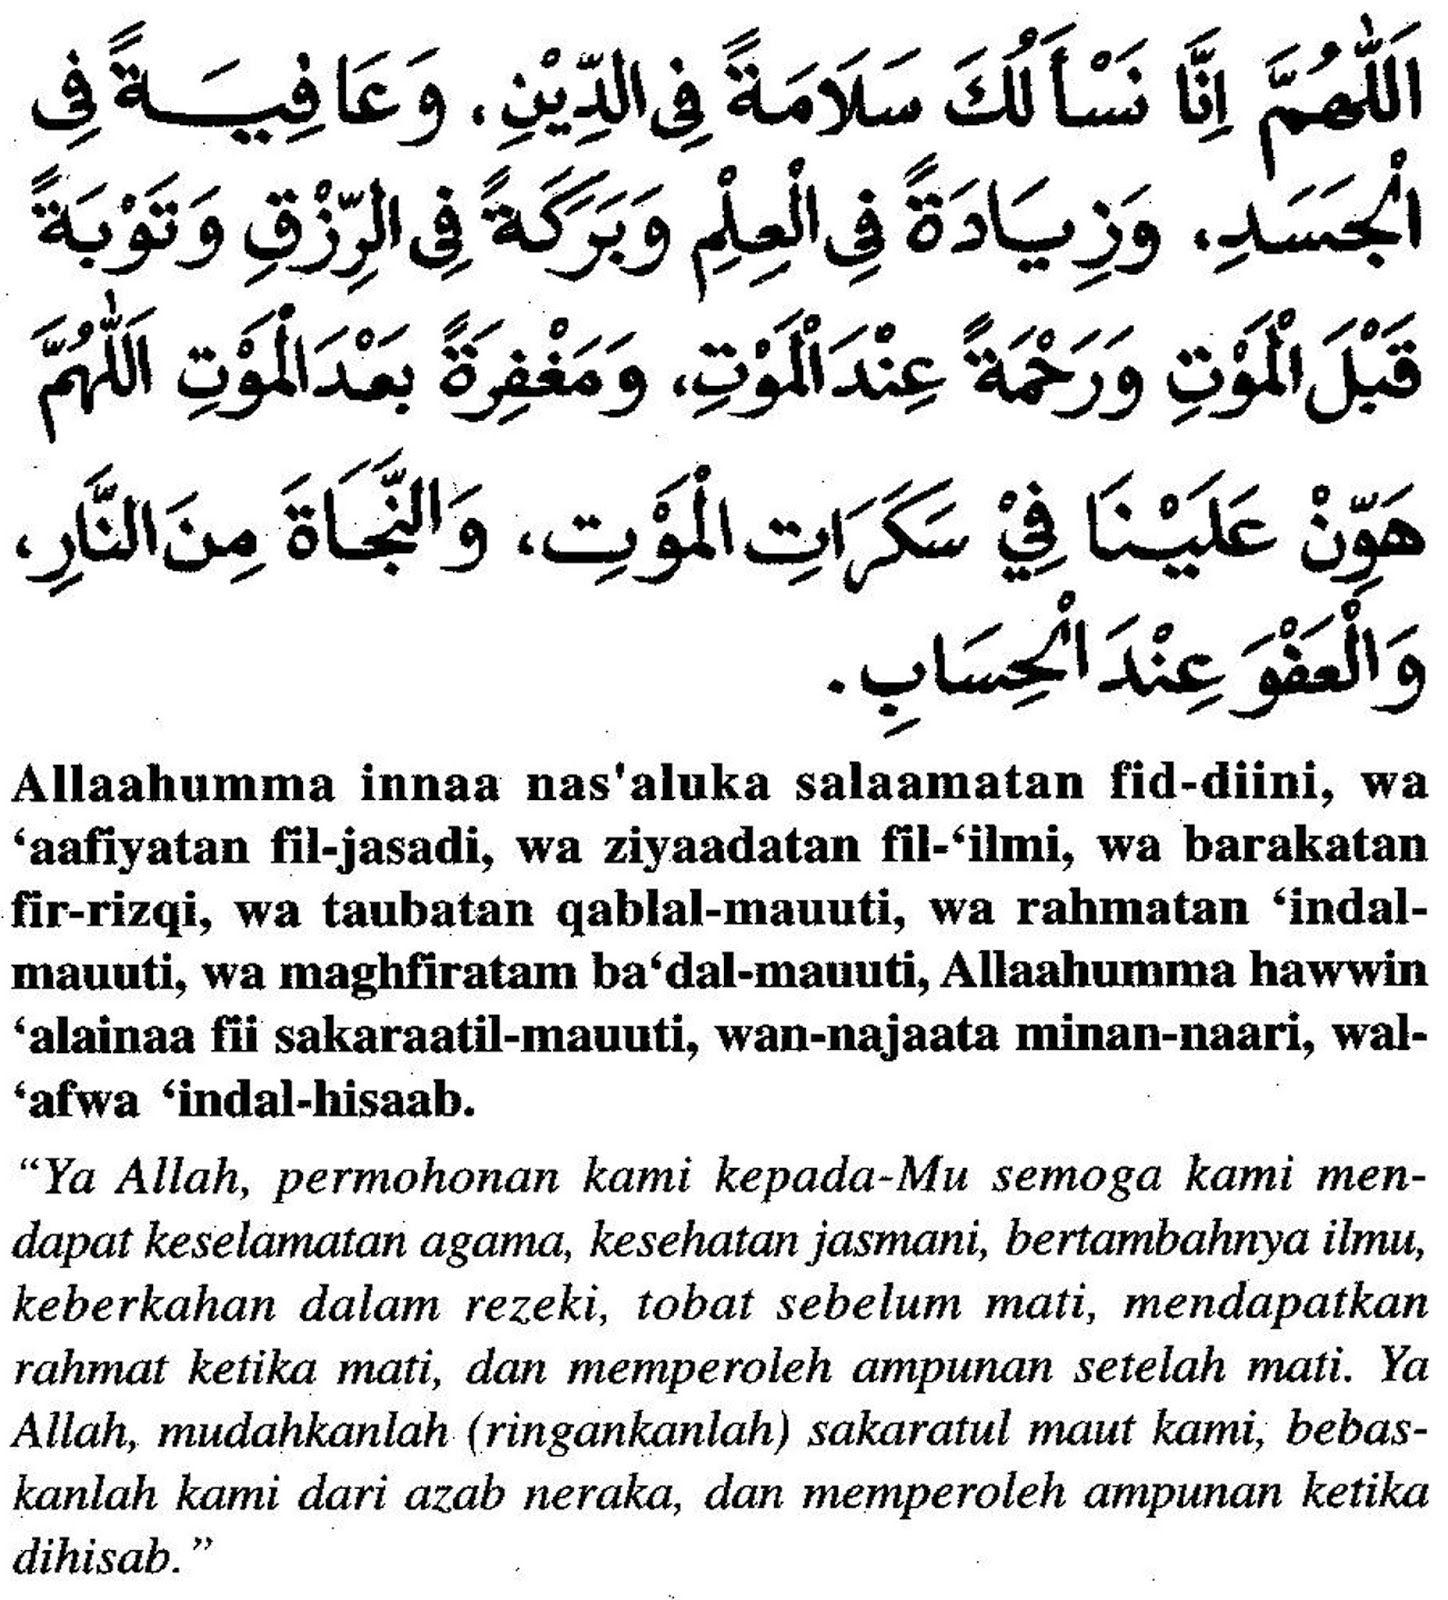 Walaupun Kita Boleh Berdoa Dalam Bahasa Melayu Elok Juga Kalau Kita Pelajari Doa Selepas Solat Dalam Bahasa Ara Doa Kata Kata Motivasi Kutipan Pelajaran Hidup